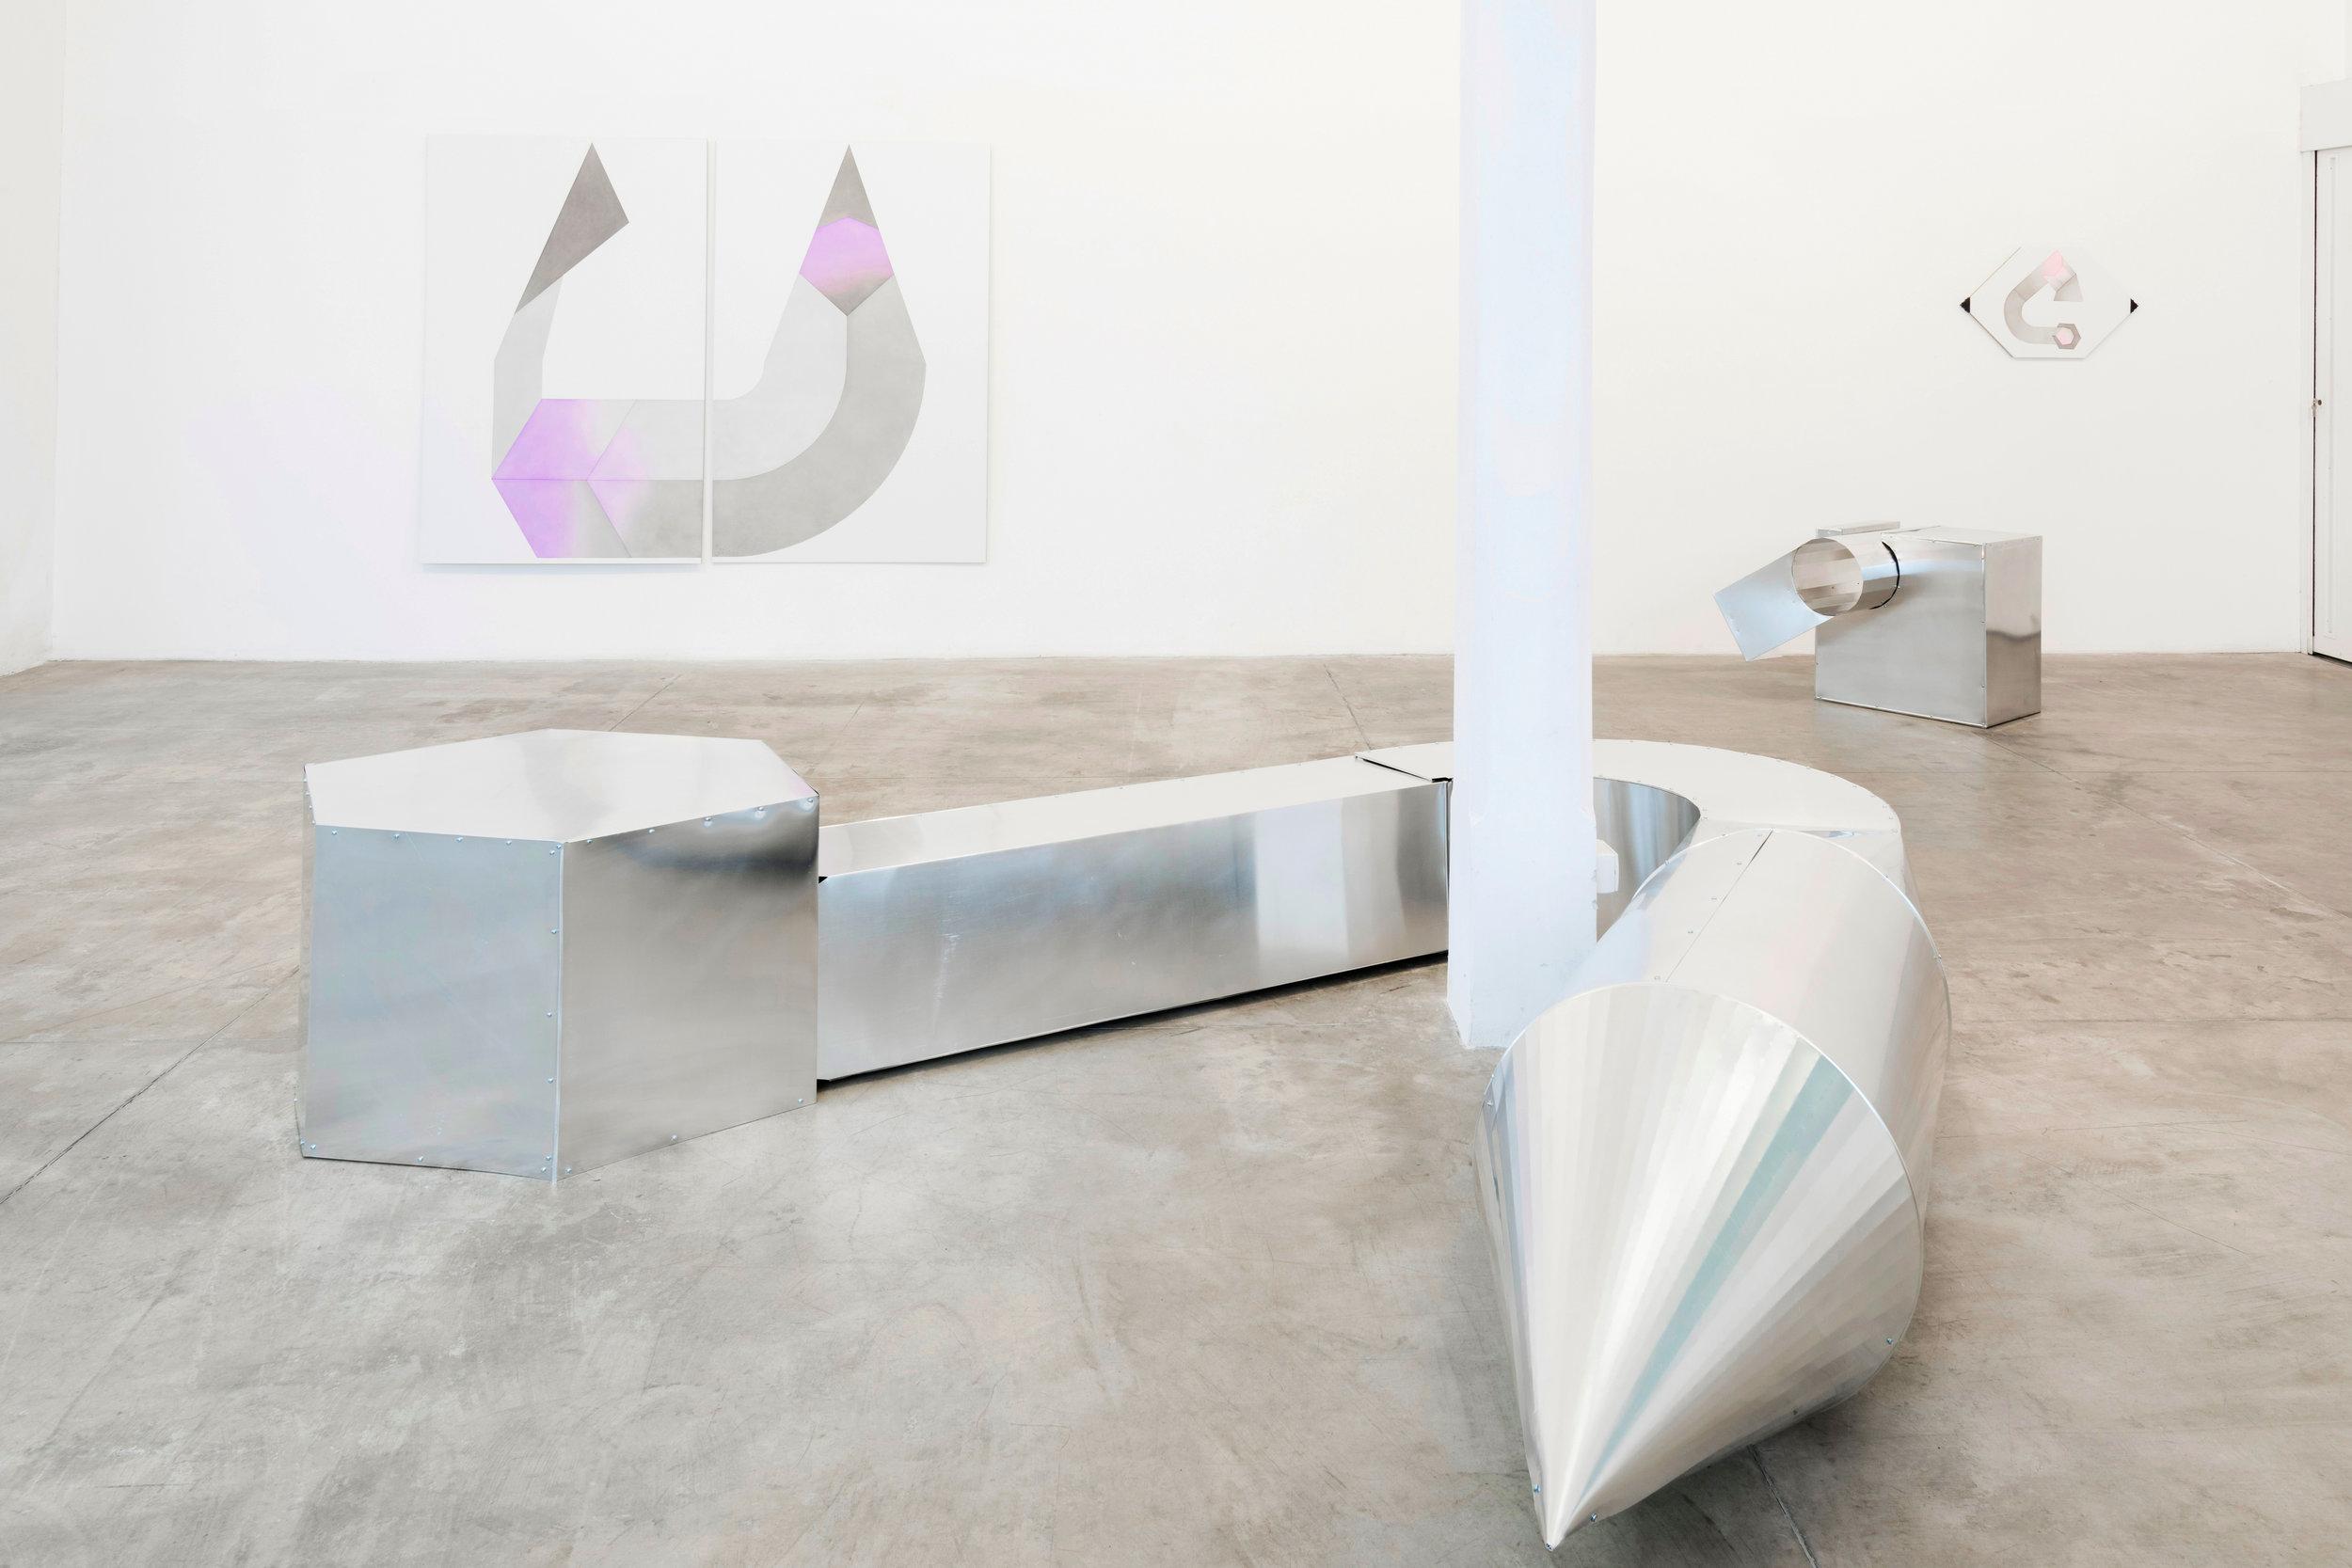 Installation view of the exhibition  L'intenzione di una retta (The intention of a straight line)